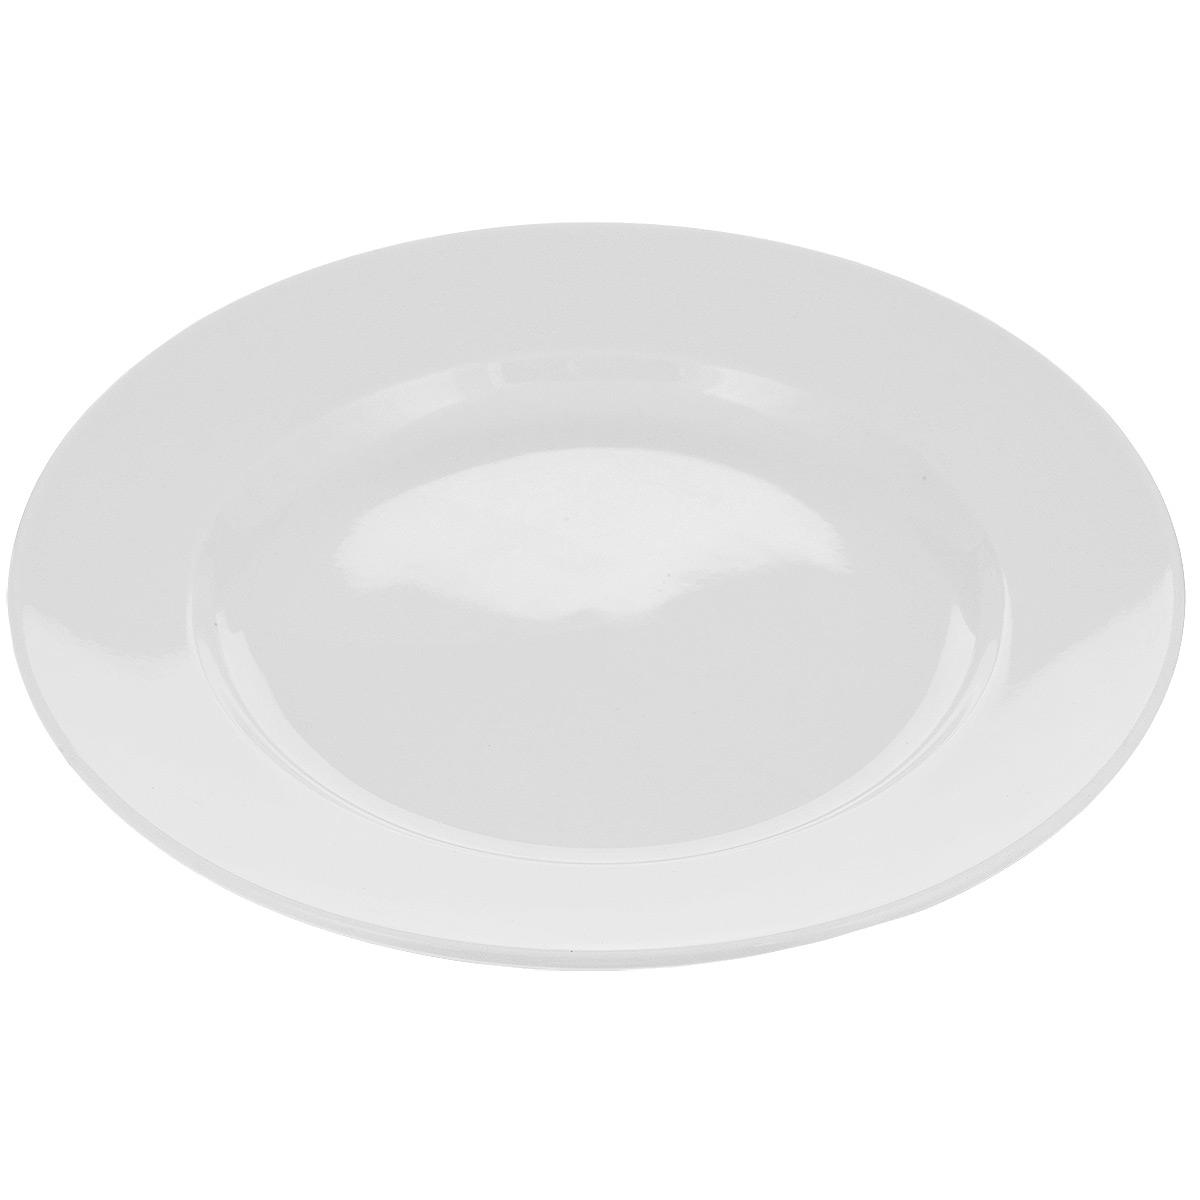 Тарелка Tescoma Opus, диаметр 27 см385114Тарелка Tescoma Opus выполнена из высококачественного фарфора однотонного цвета и прекрасно подойдет для вашей кухни. Такая тарелка изысканно украсит сервировку как обеденного, так и праздничного стола. Предназначена для подачи вторых блюд. Пригодна для использования в микроволновой печи. Можно мыть в посудомоечной машине. Диаметр: 27см. Высота тарелки: 2 см. .